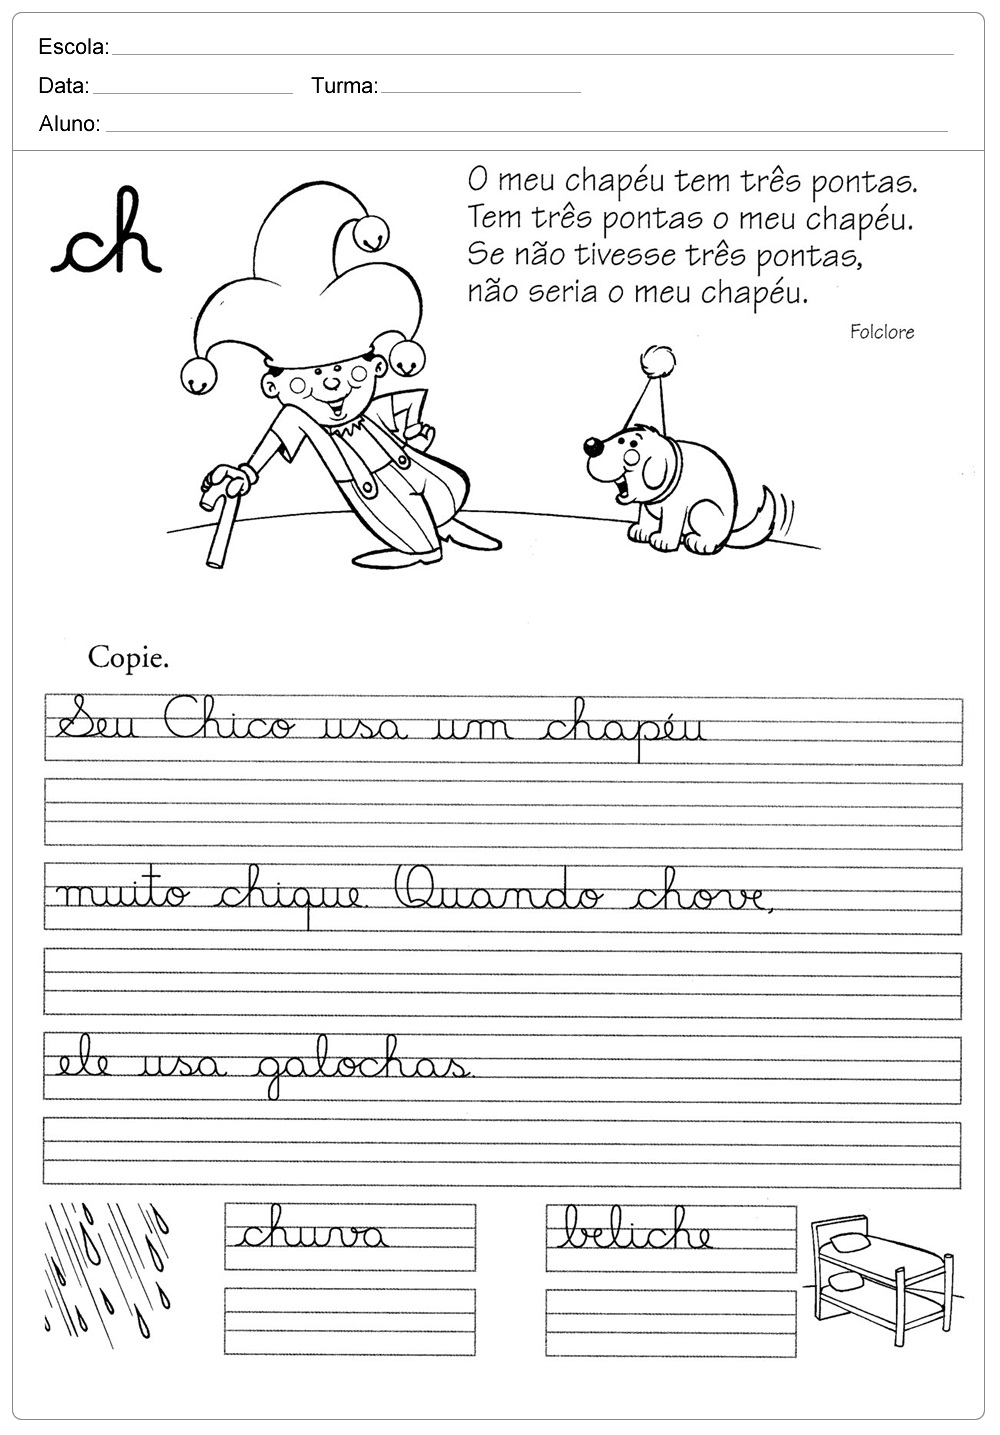 atividade-de-caligrafia-ch